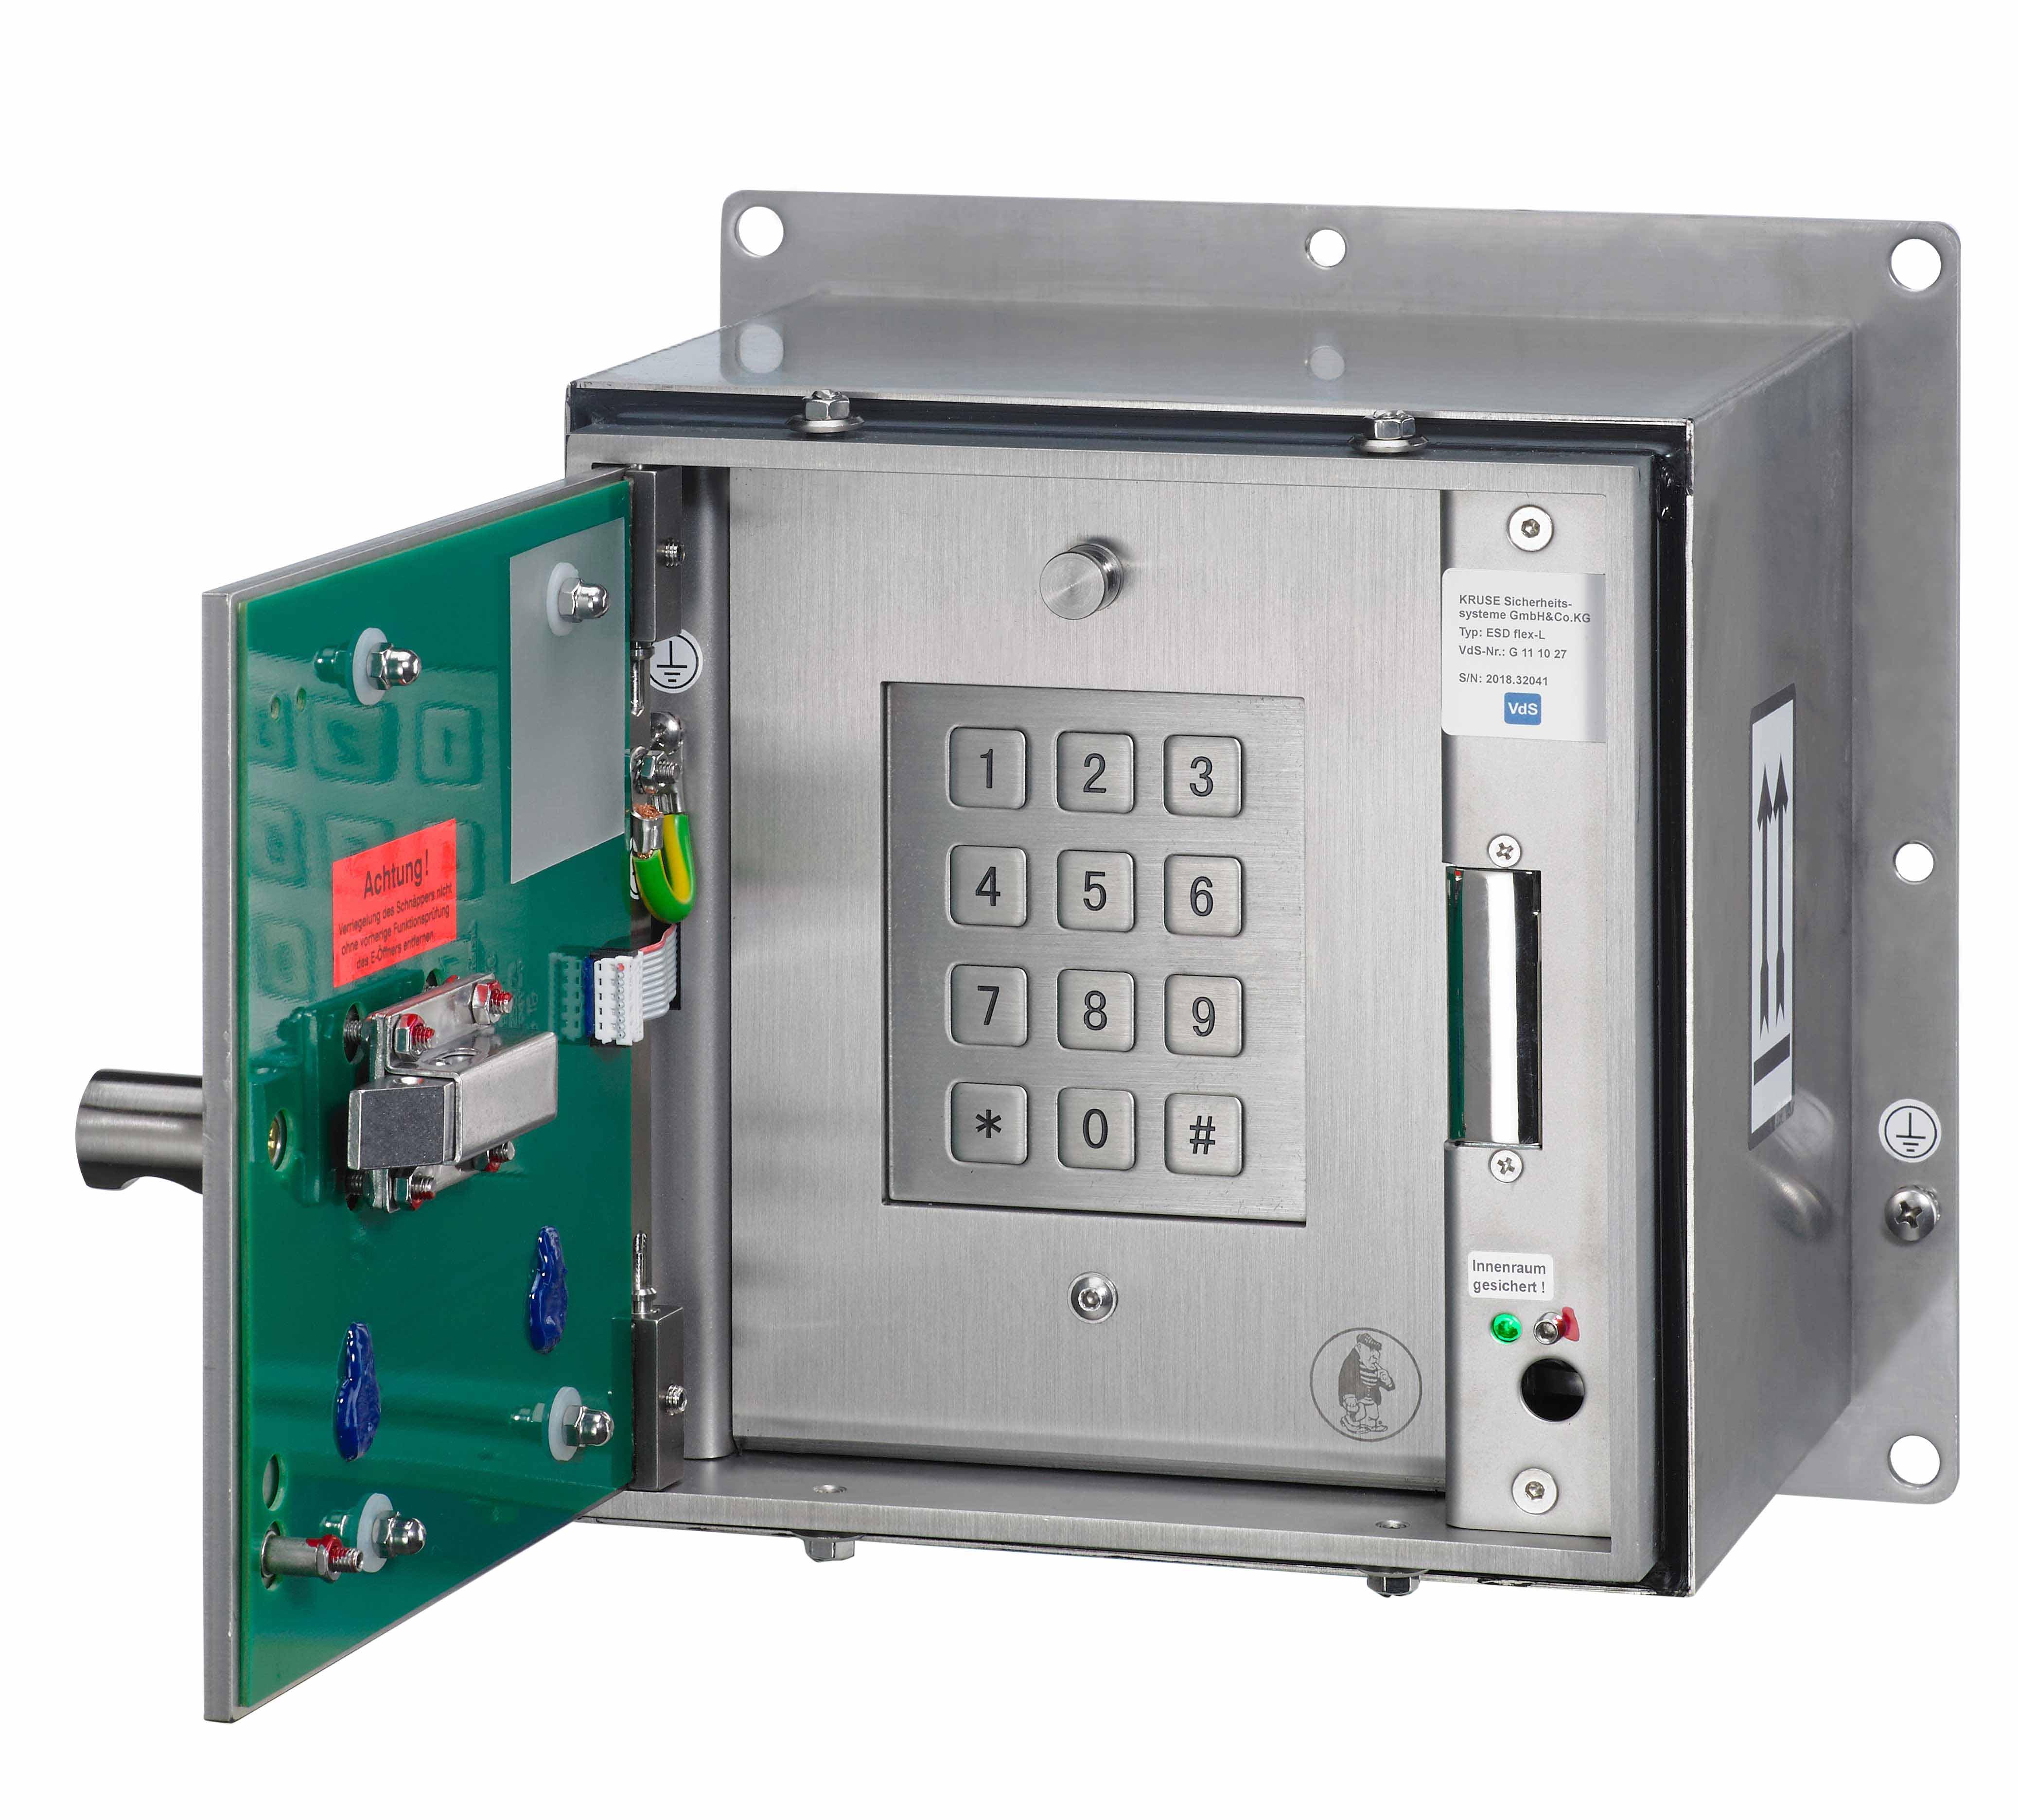 Produktbild KRUSE Einsatz-SchlüsselDepot (ESD)